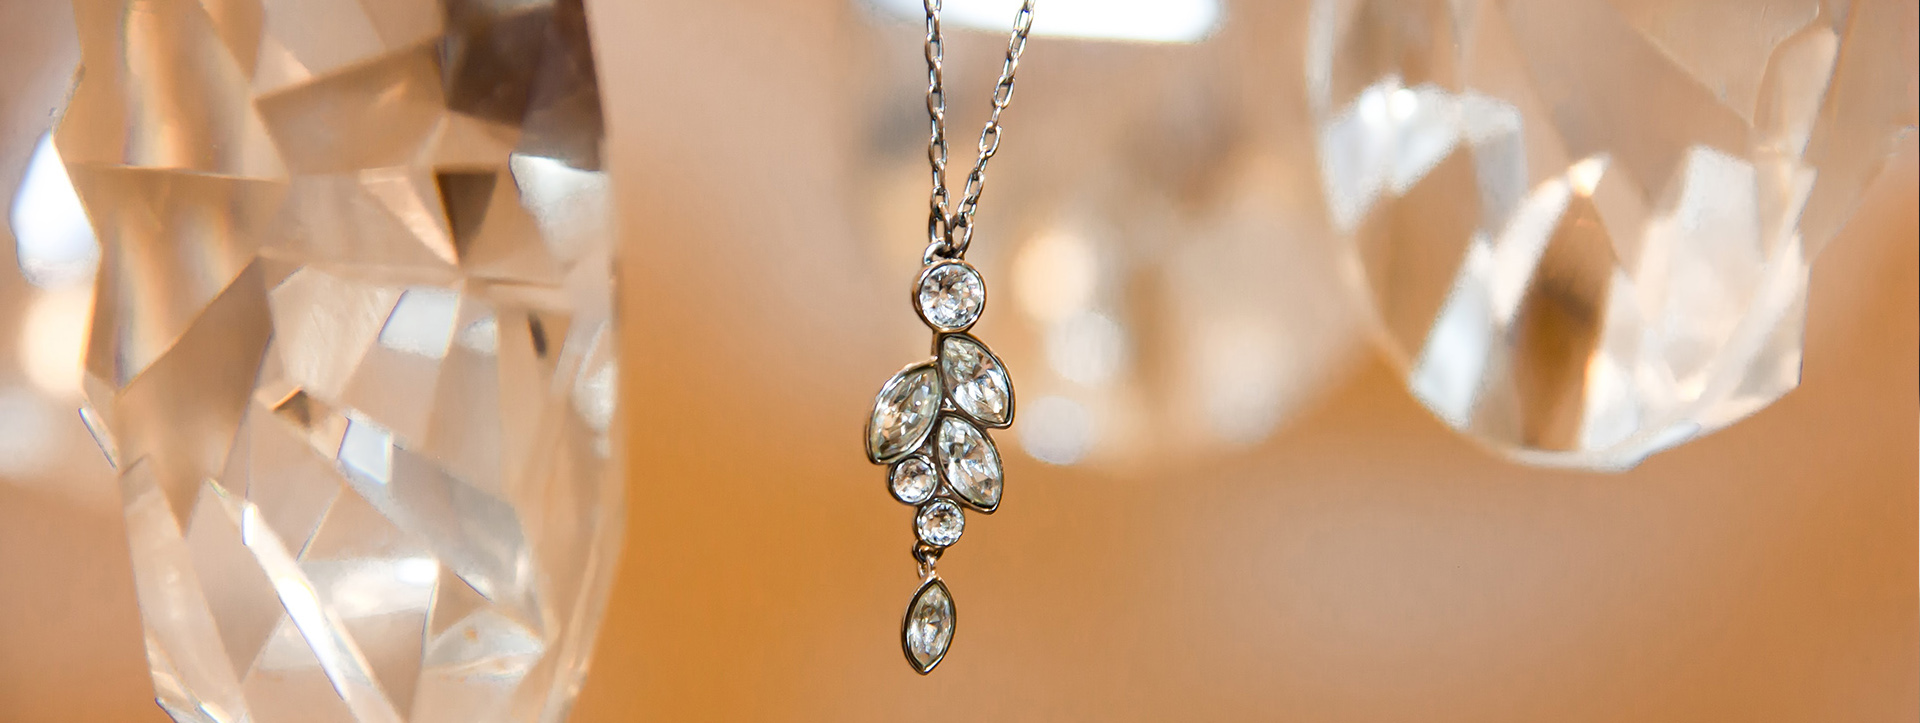 jewelry-slider-1